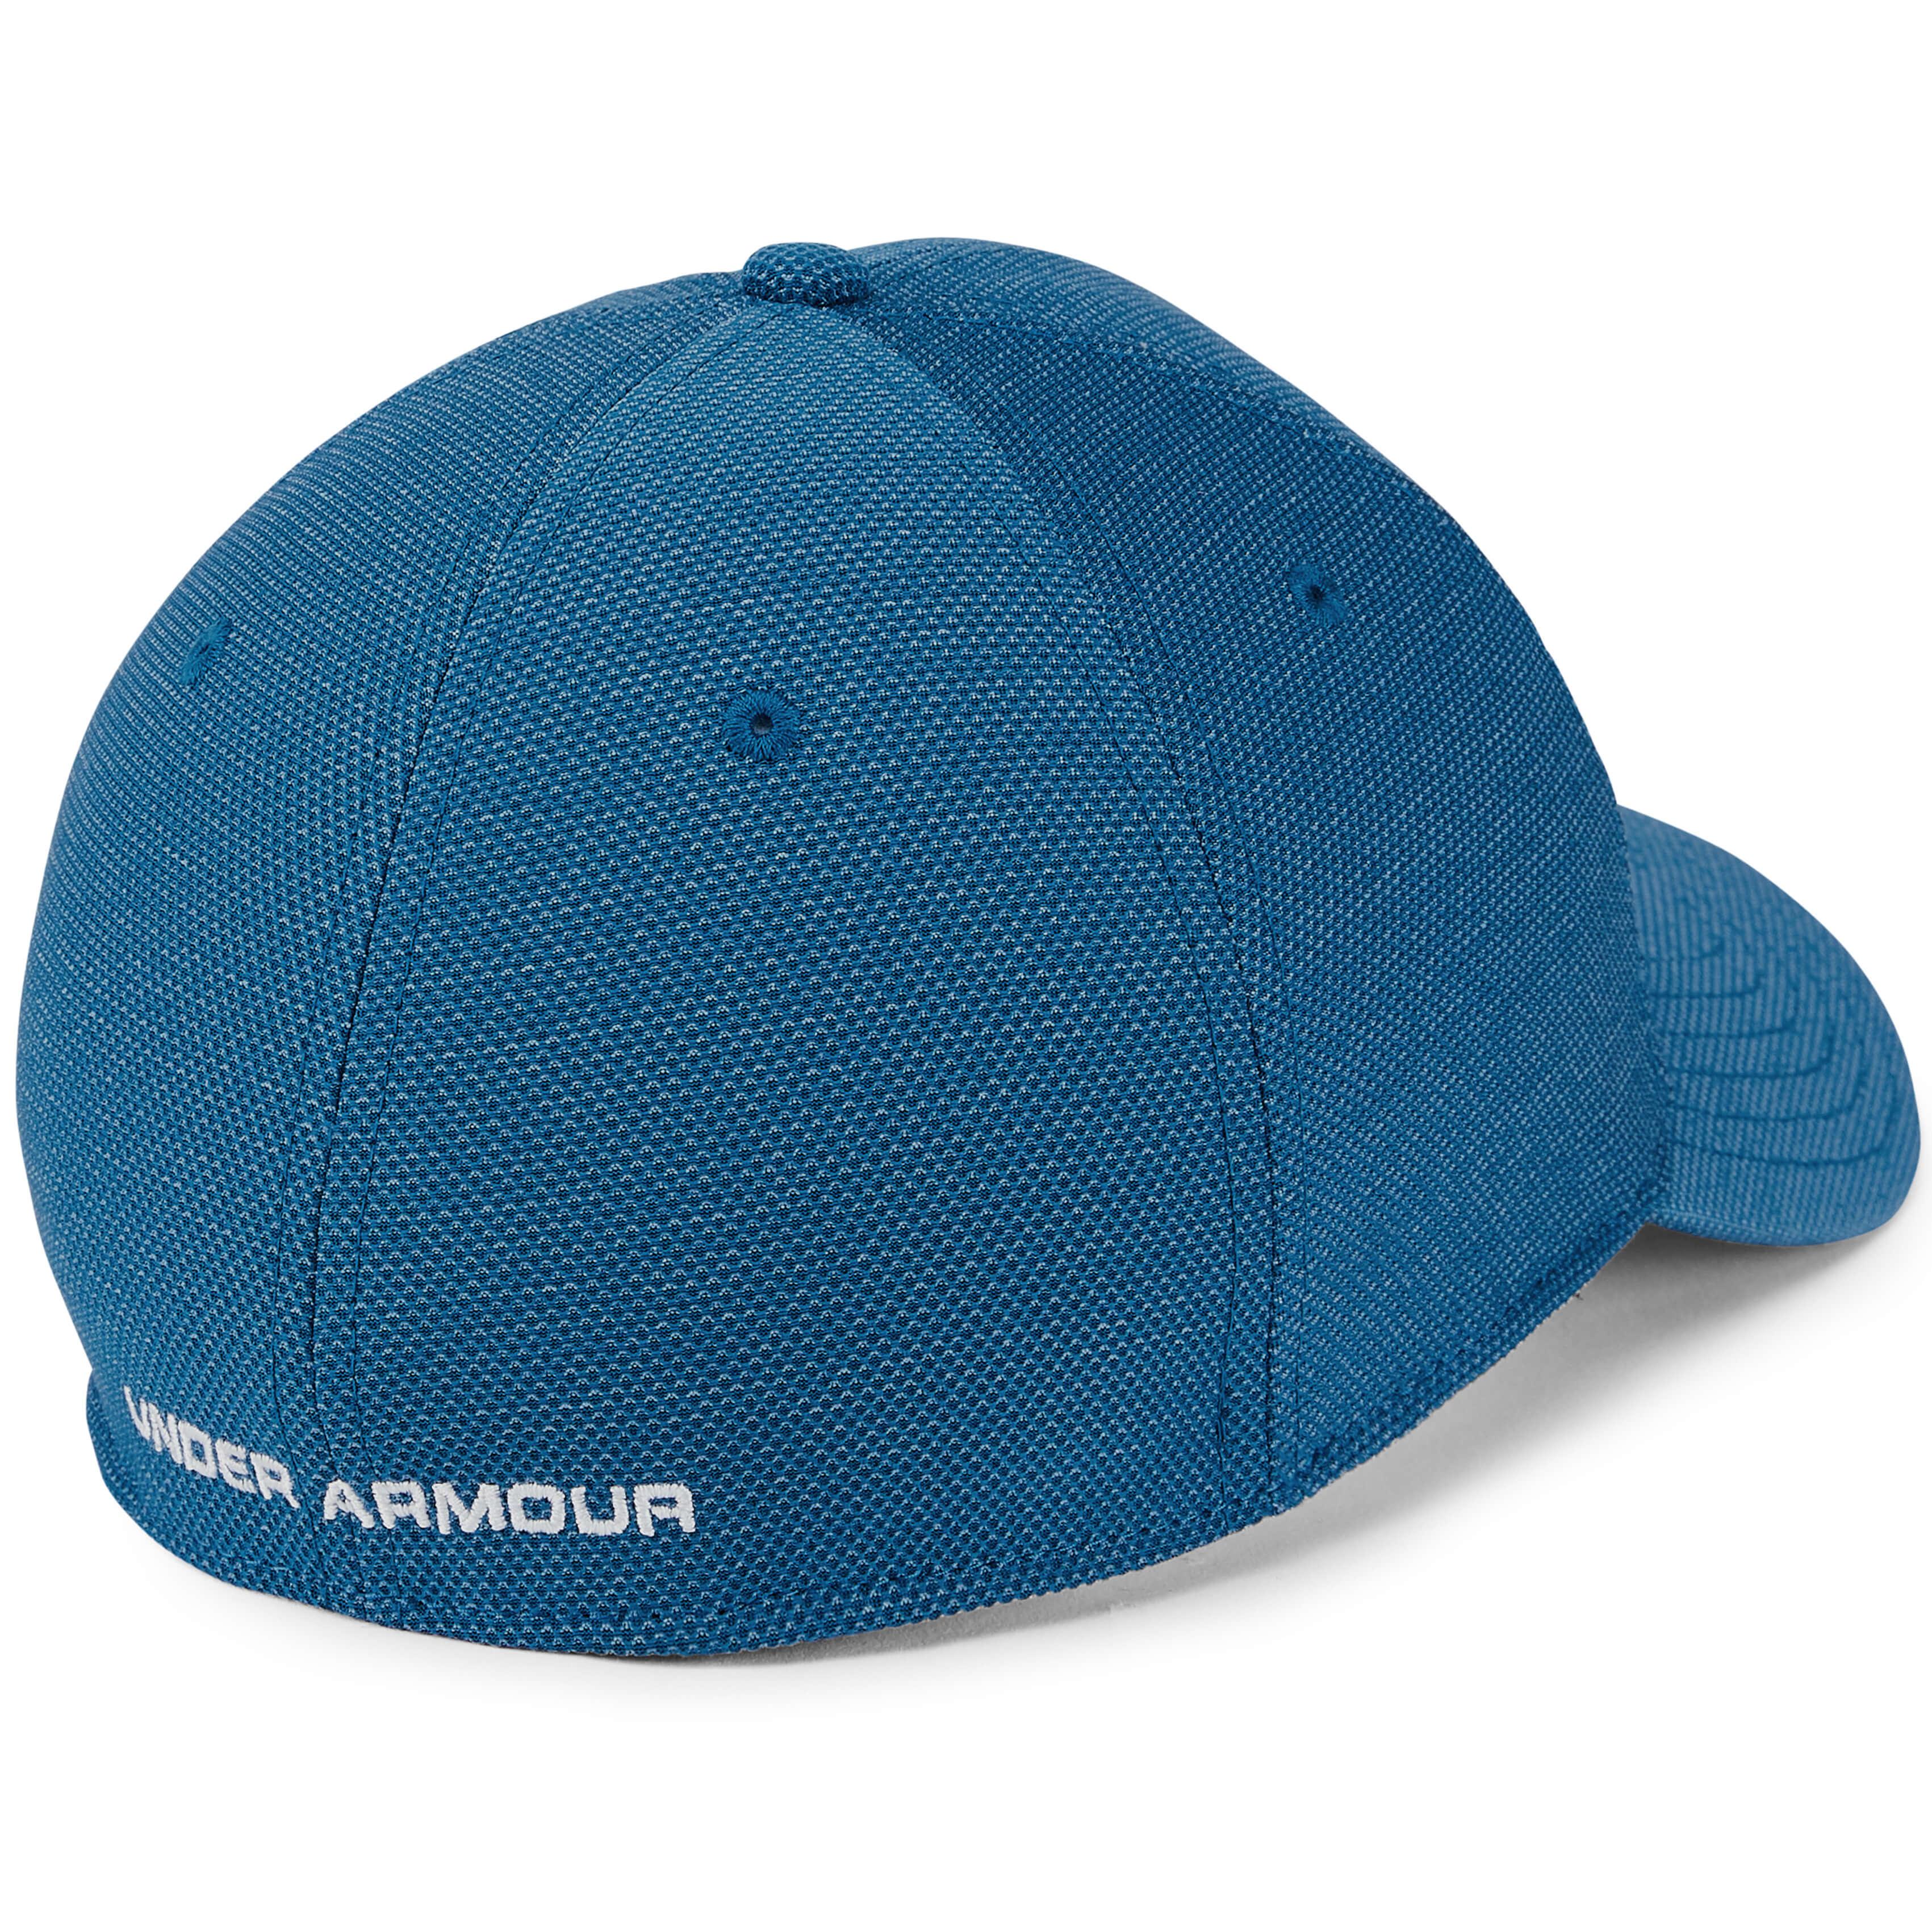 Under-Armour-Gris-Blitzing-3-0-Golf-HeatGear-Coupe-Extensible-Chapeau-Bonnet miniature 7